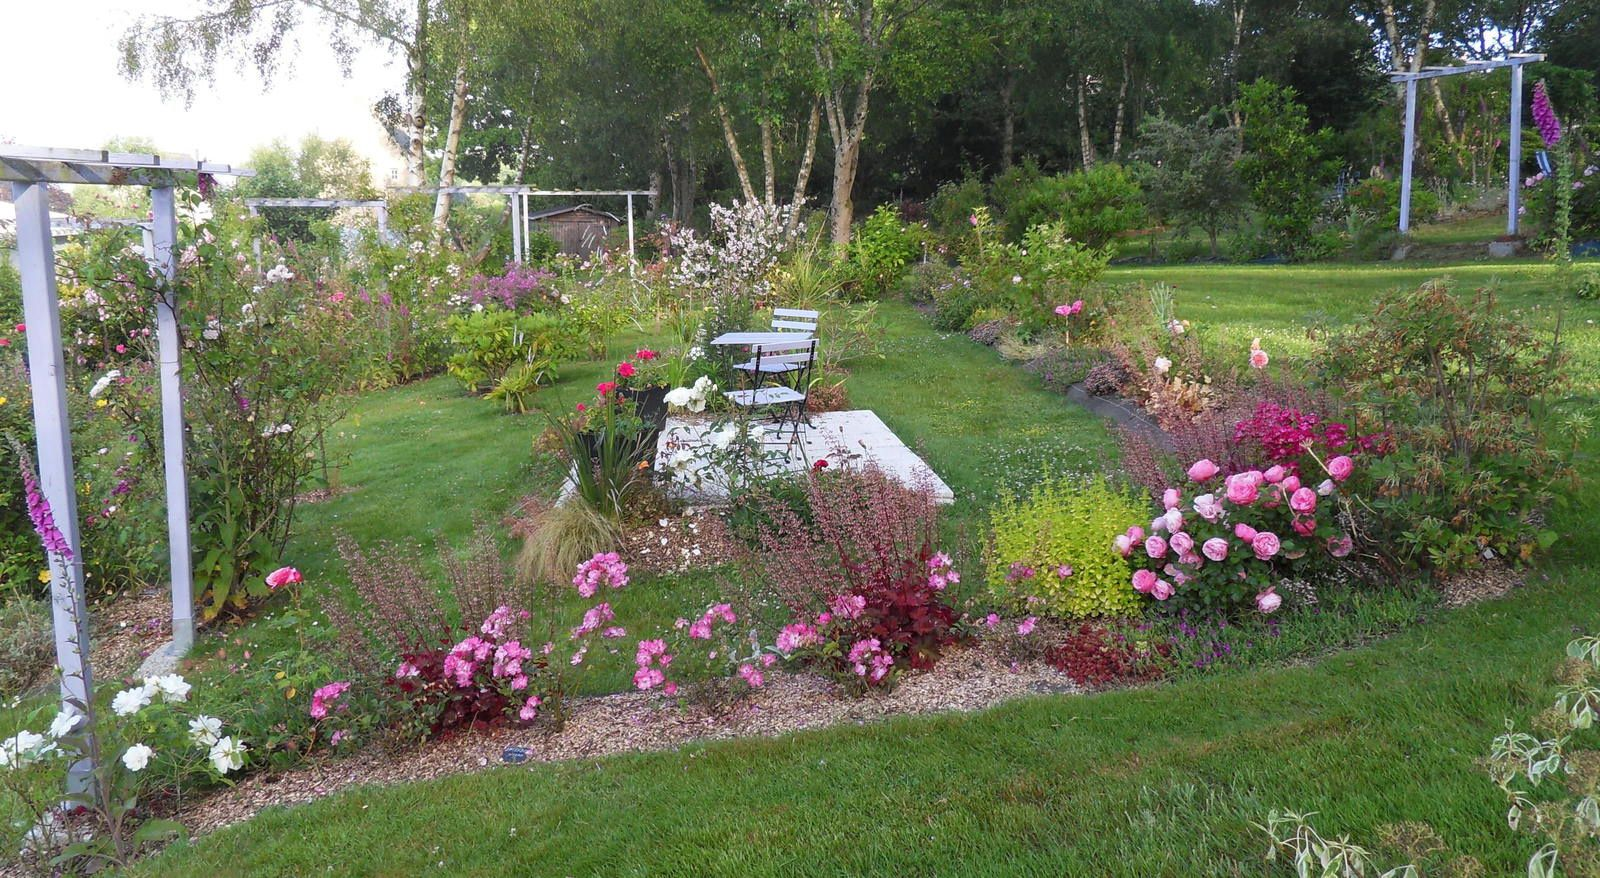 Le jardin s 39 ouvre pour jardin art et soin en juin 2015 for Calendrier jardin juin 2015